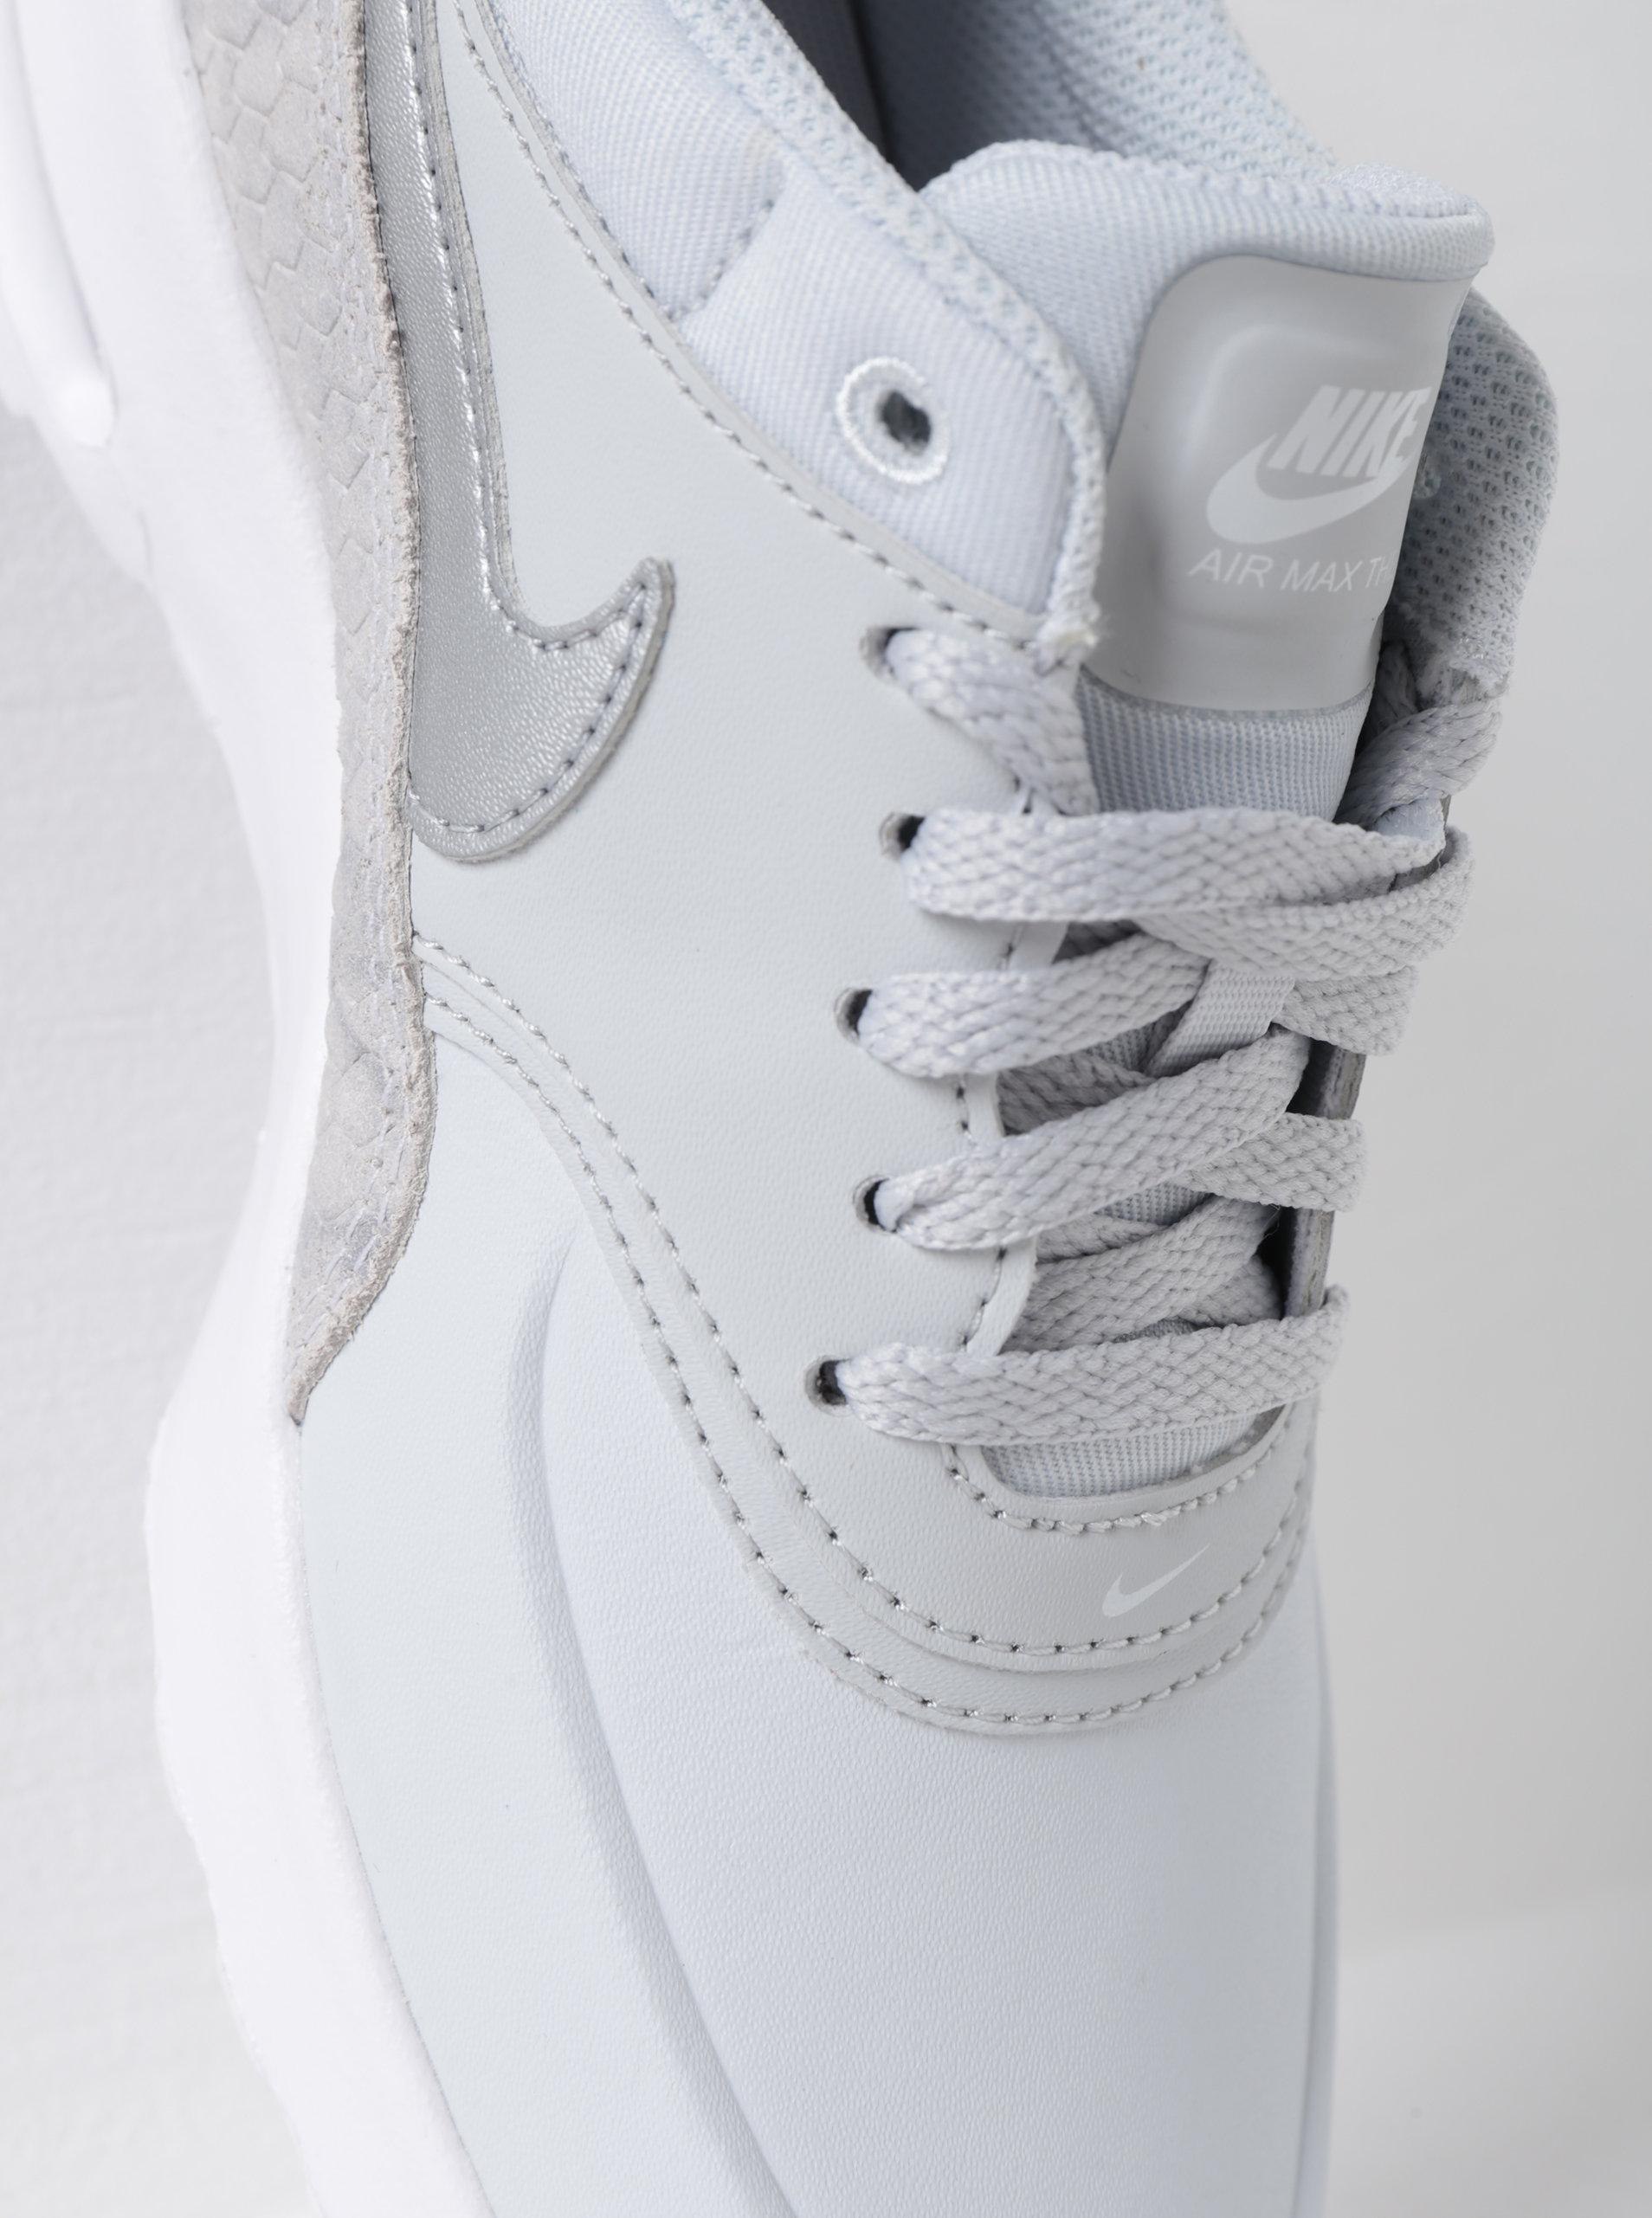 3c095ceb0c6 Světle šedé dámské kožené tenisky se strukturovanými detaily Nike Air Max  ...